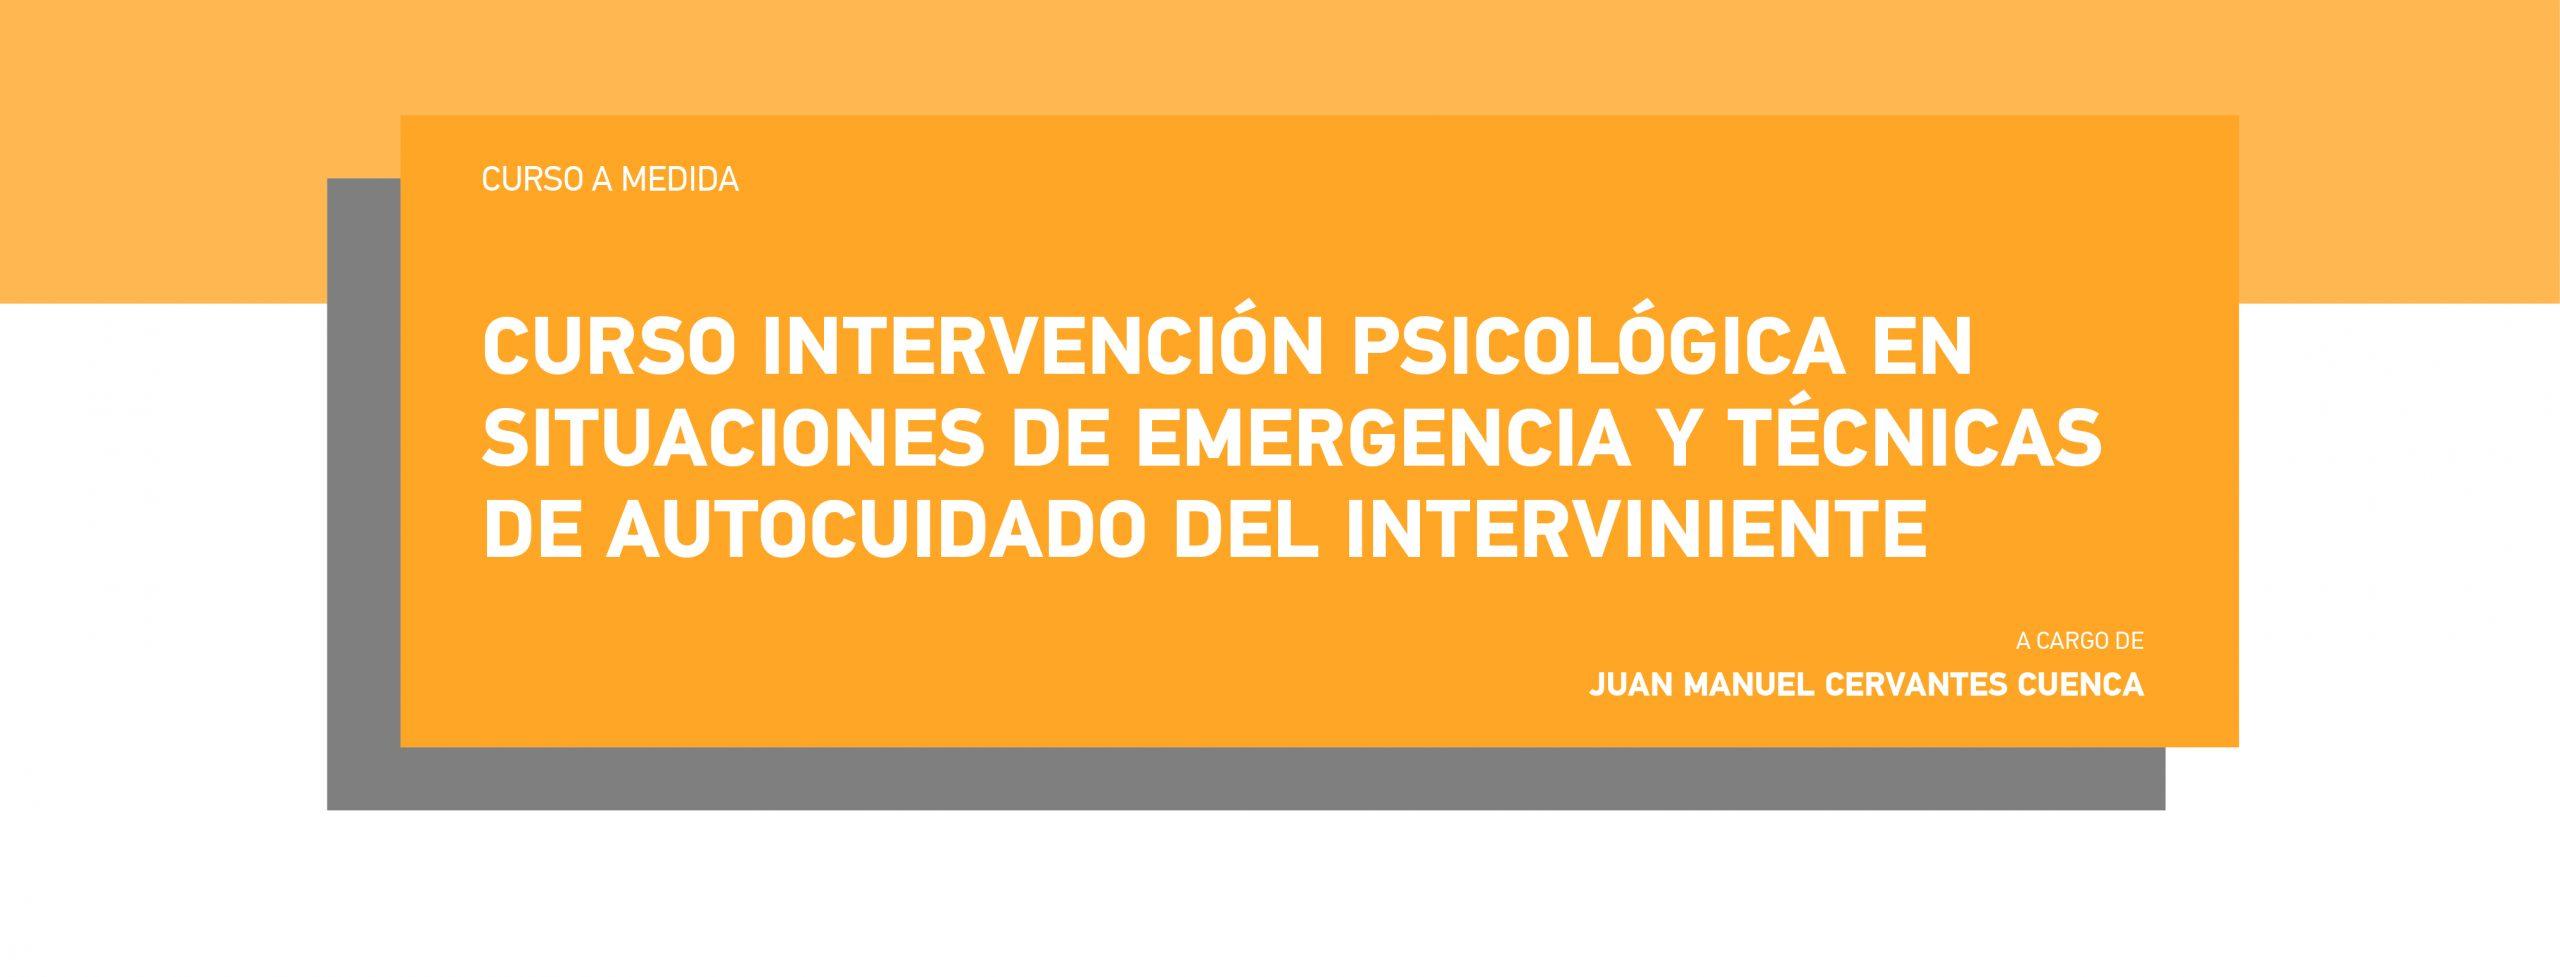 Curso Intervención Psicológica en Situaciones de Emergencia y Técnicas de Autocuidado del Interviniente